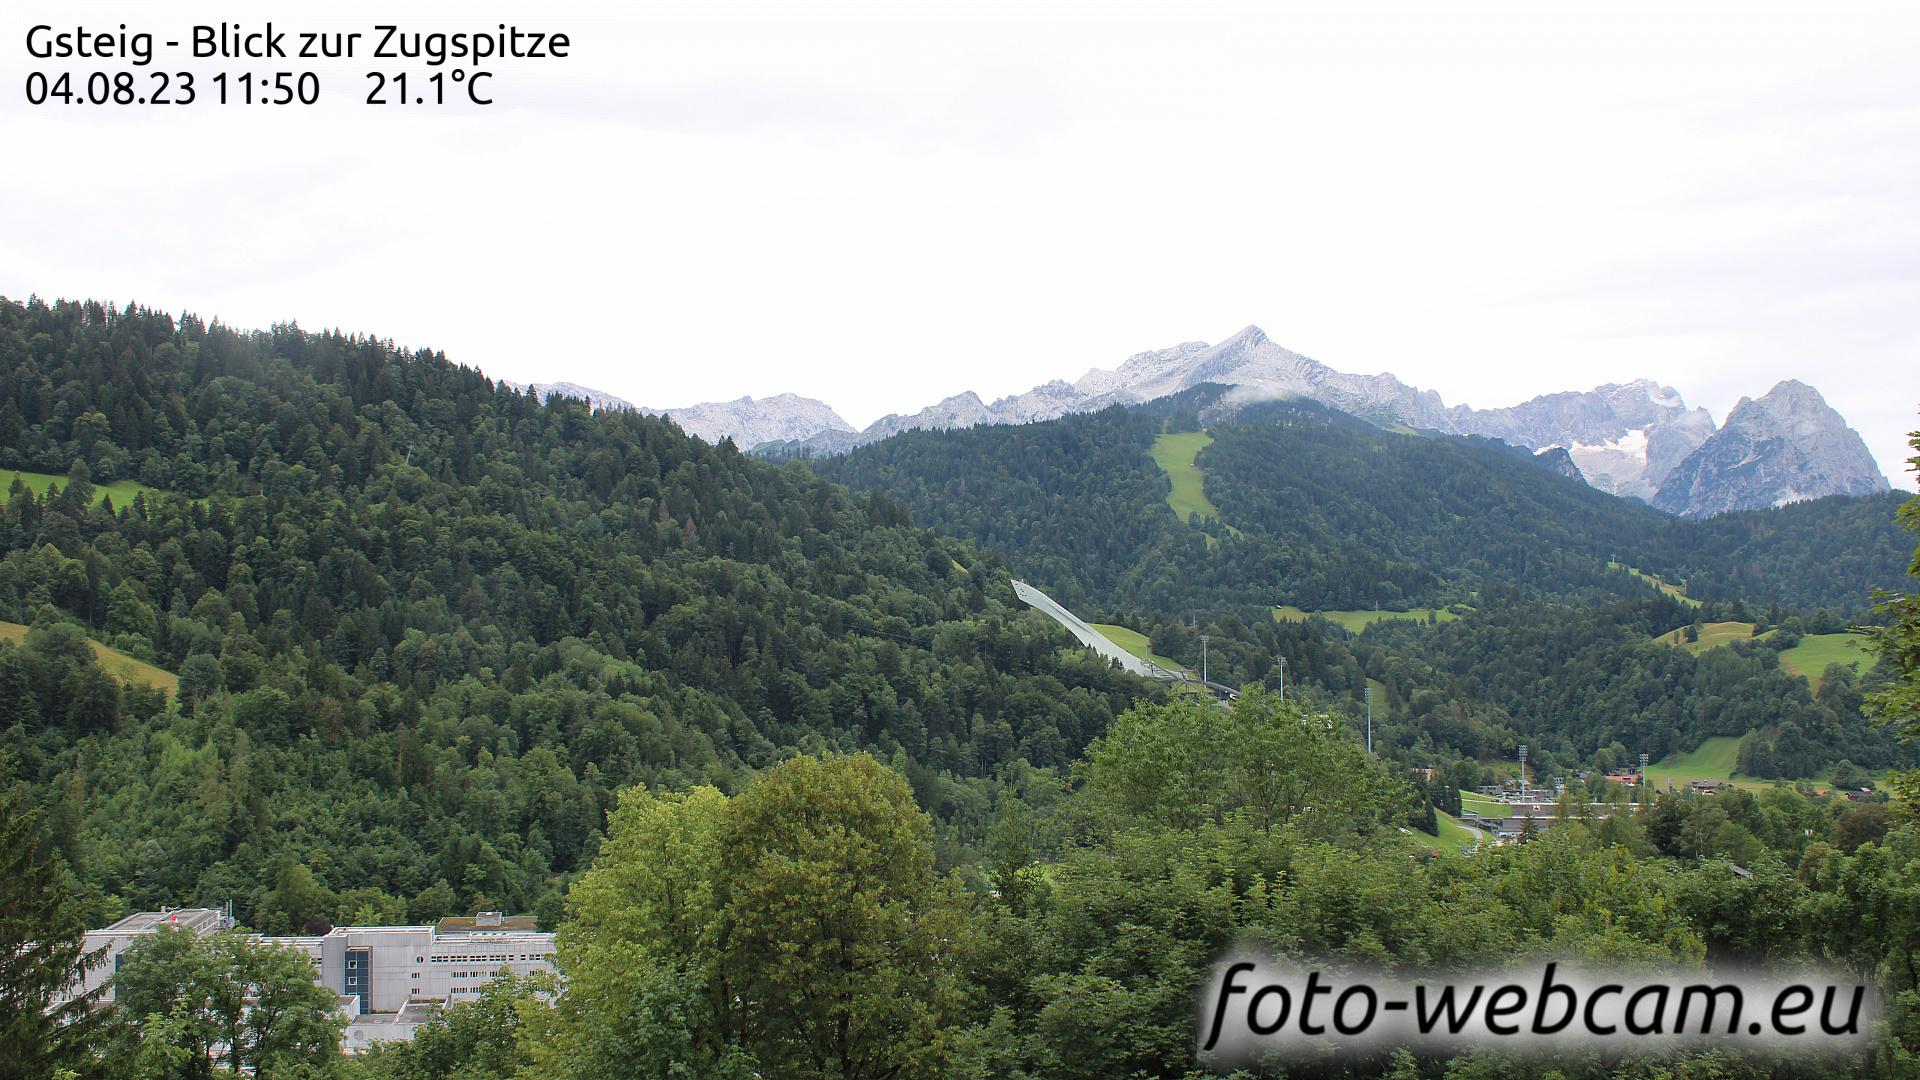 Garmisch-Partenkirchen Thu. 11:31